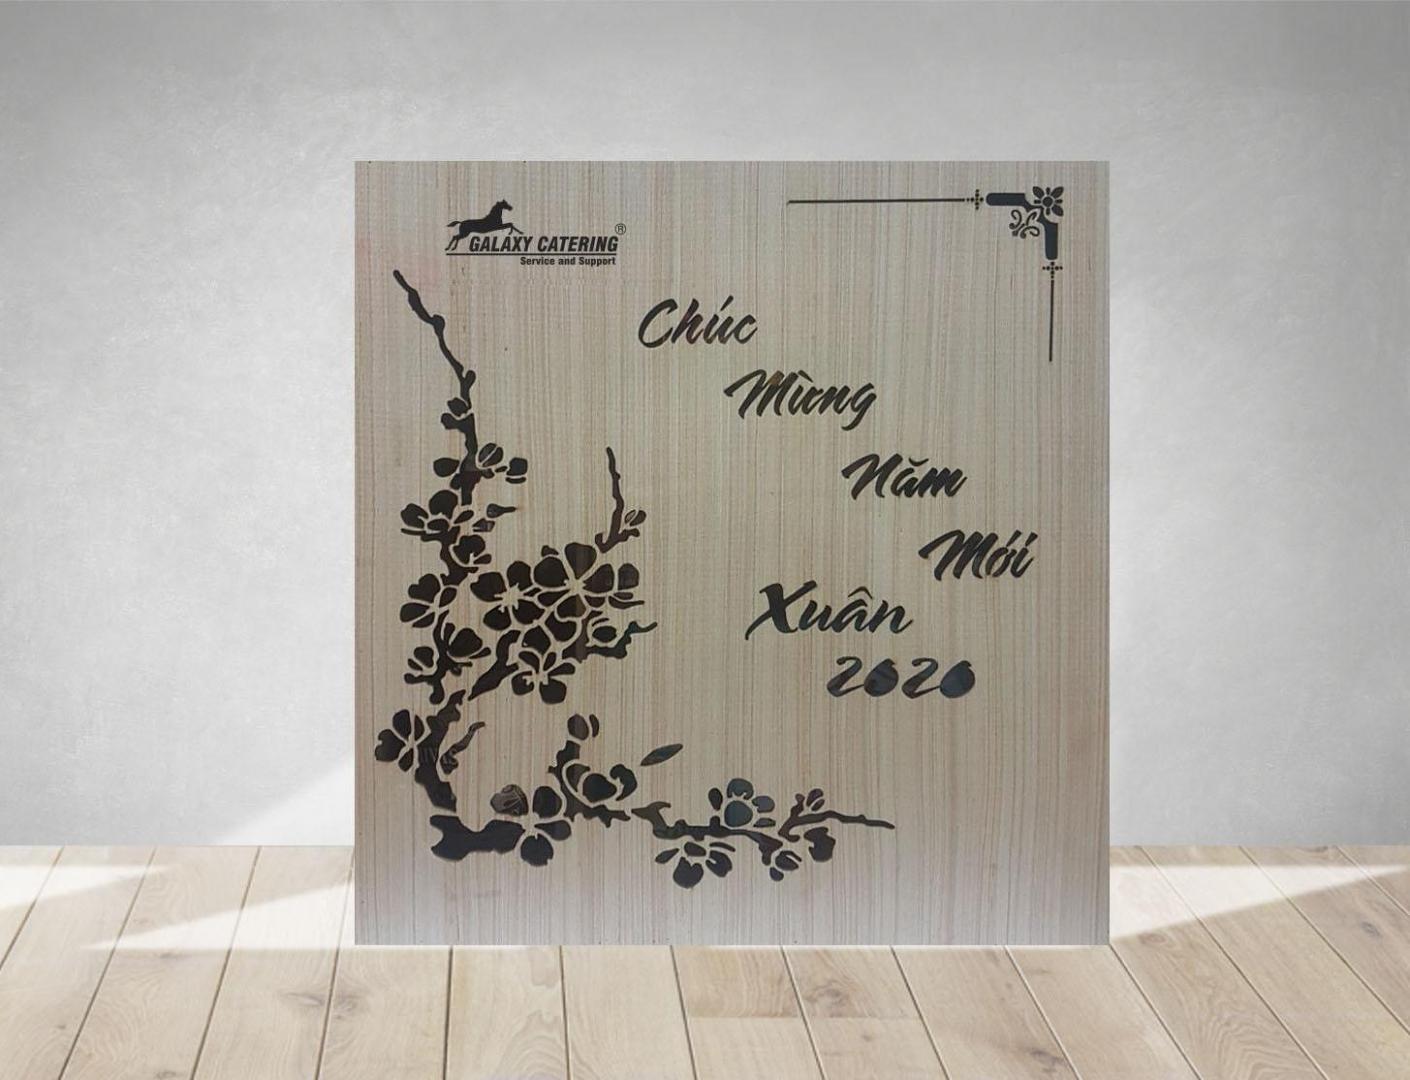 Mẫu hộp quà tết gỗ 2021 xứng đáng là món quà tuyệt vời ngày Tết